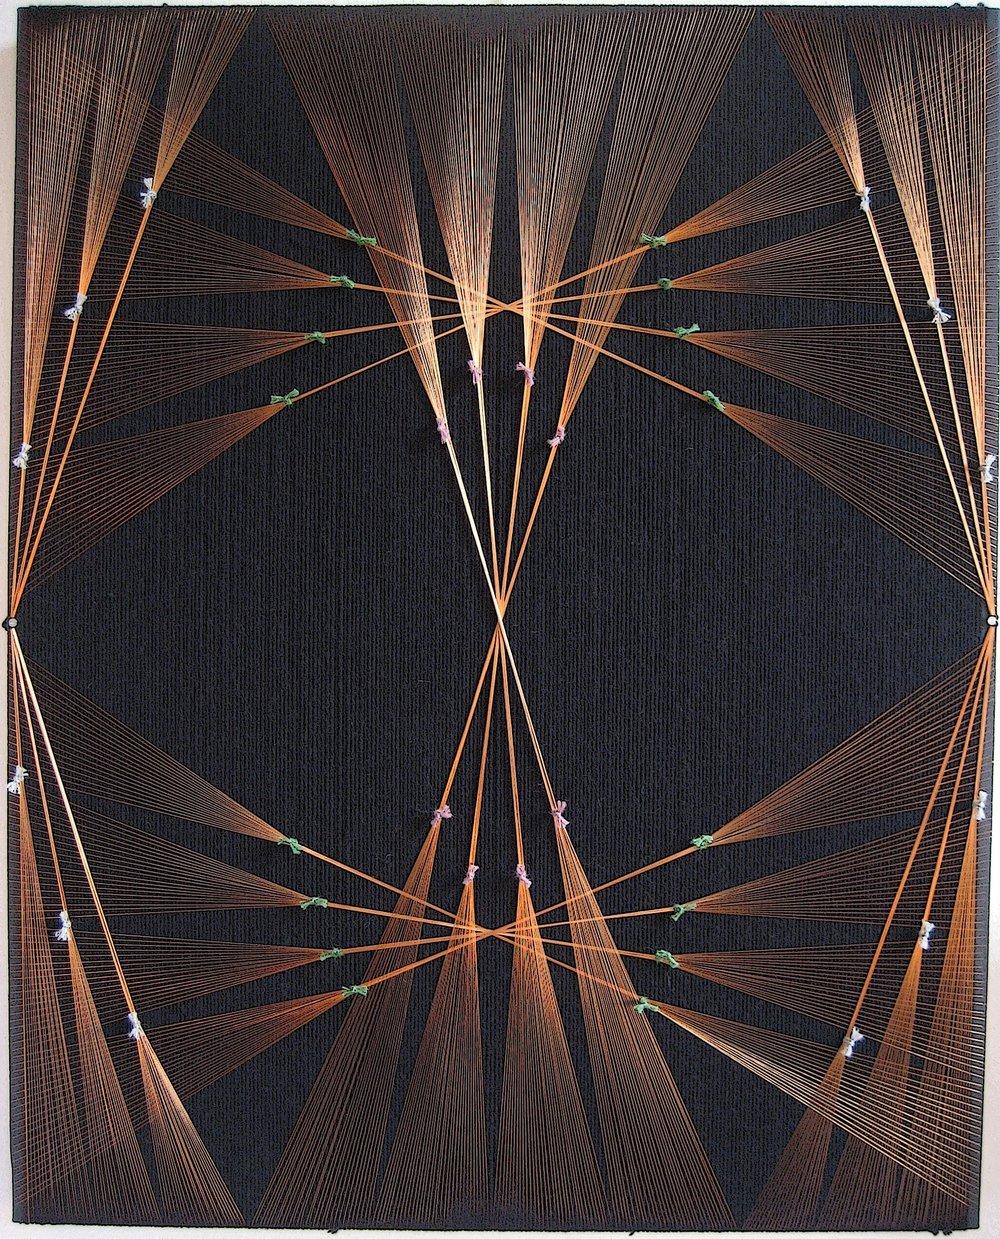 lightmosphere (80x100cm).JPG